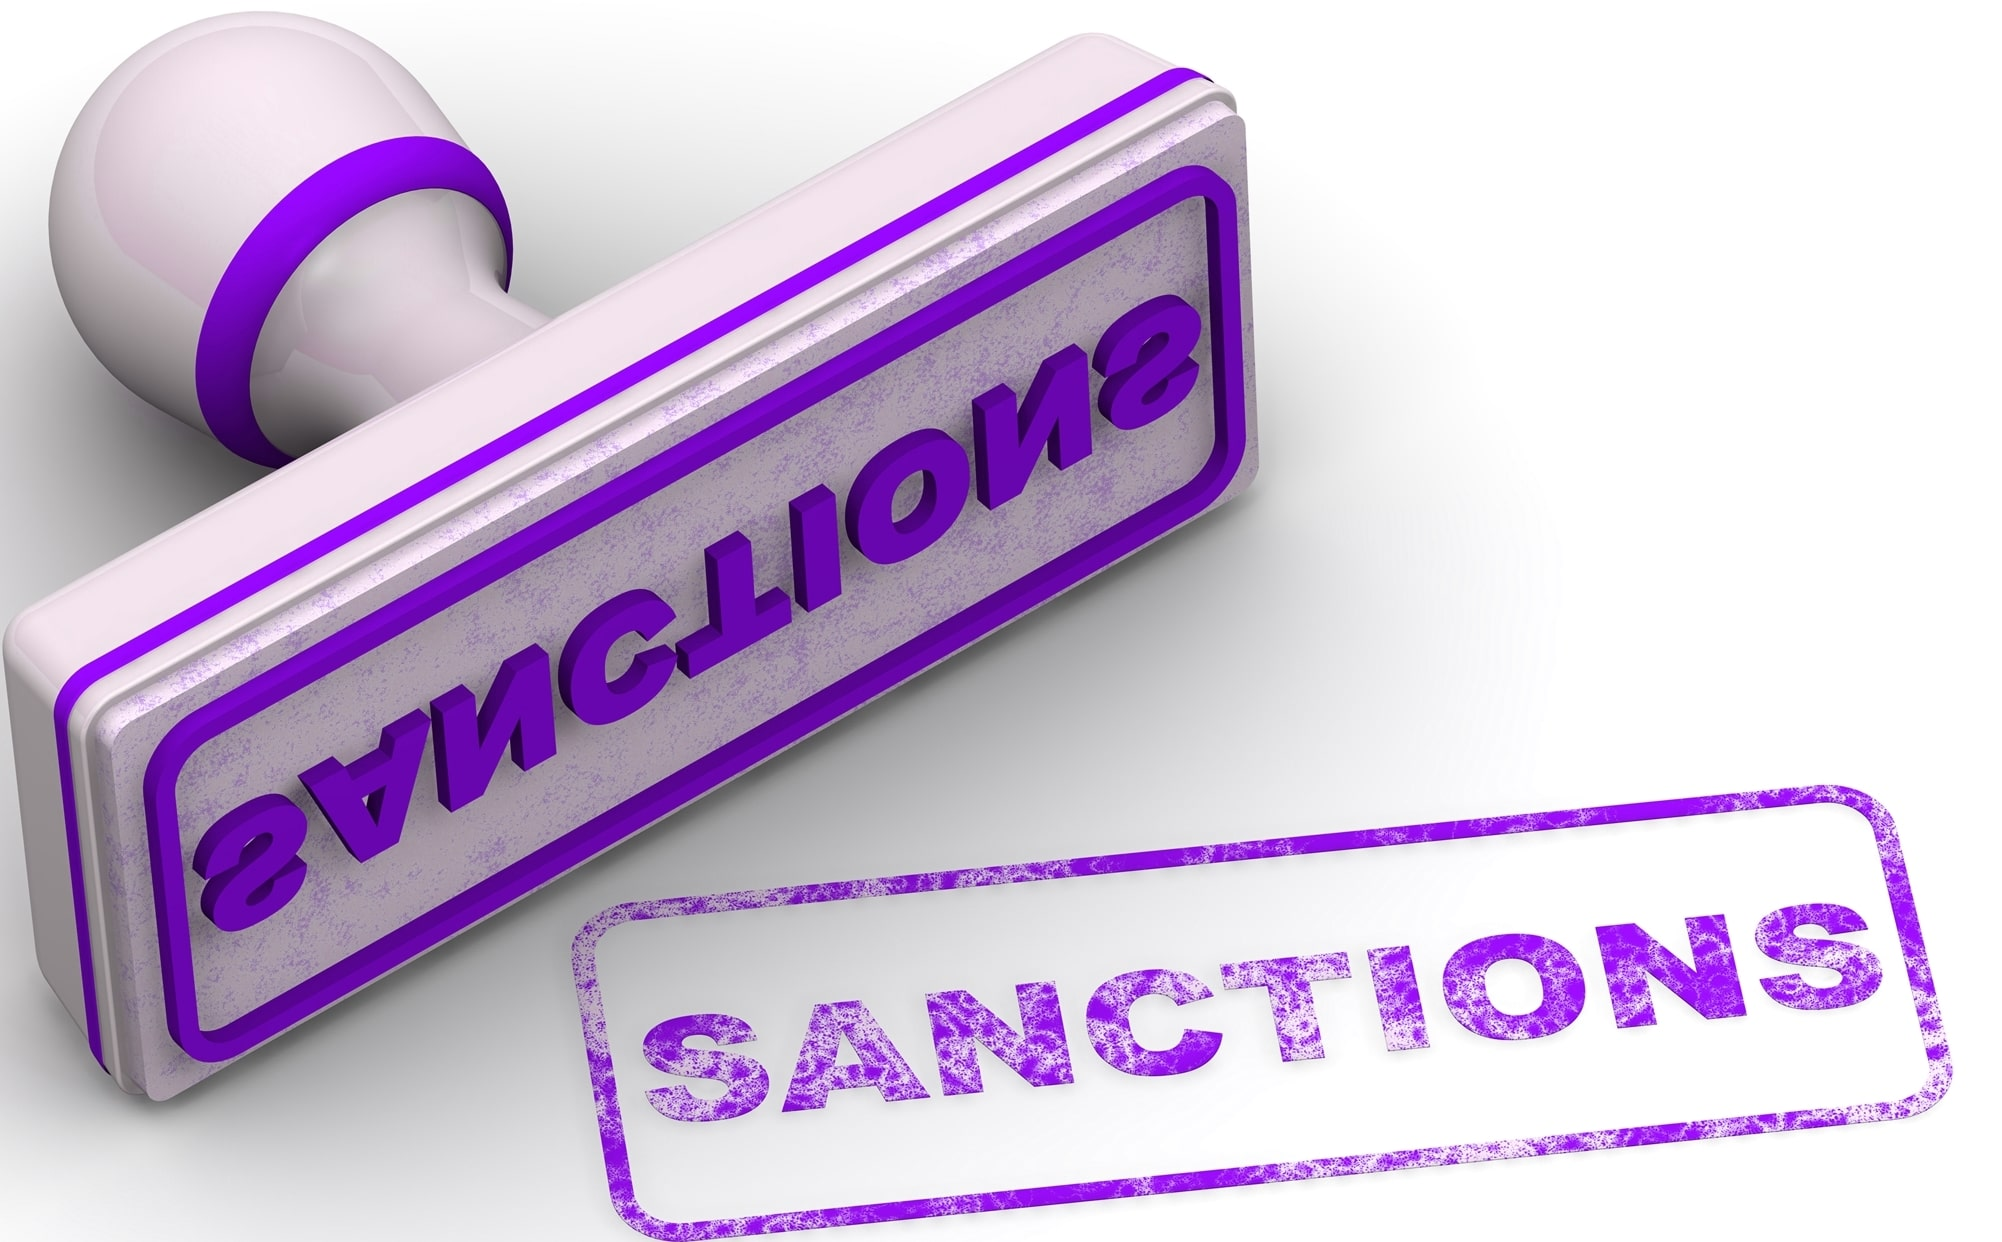 emploi-salarier-sanction-disciplinaire-1-image